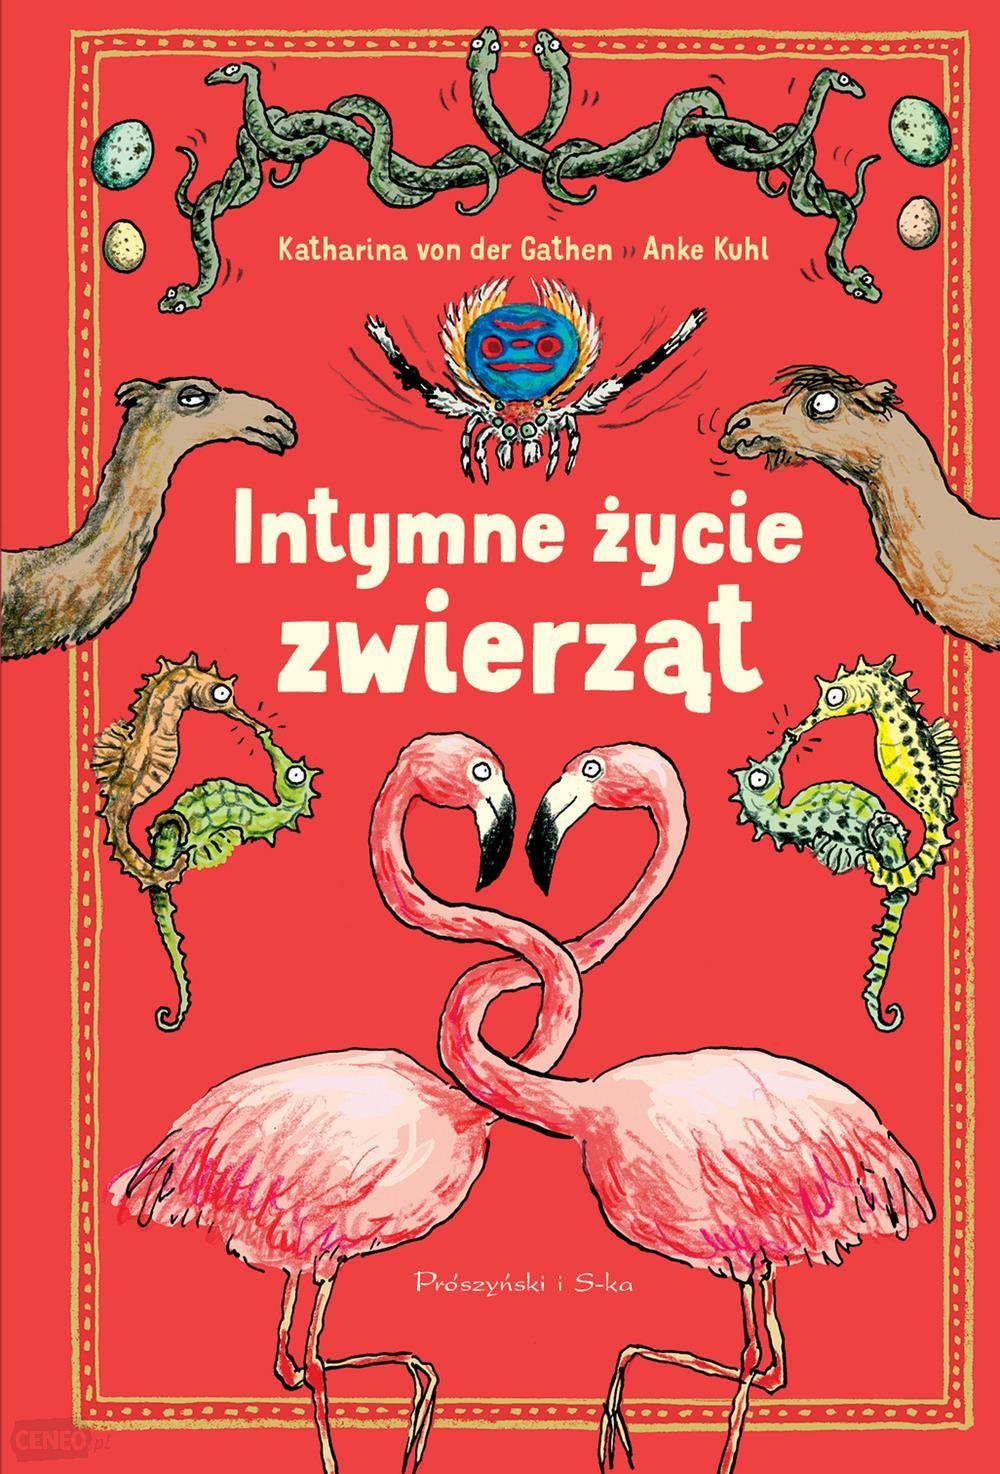 i-intymne-zycie-zwierzat-katharina-von-der-gathen